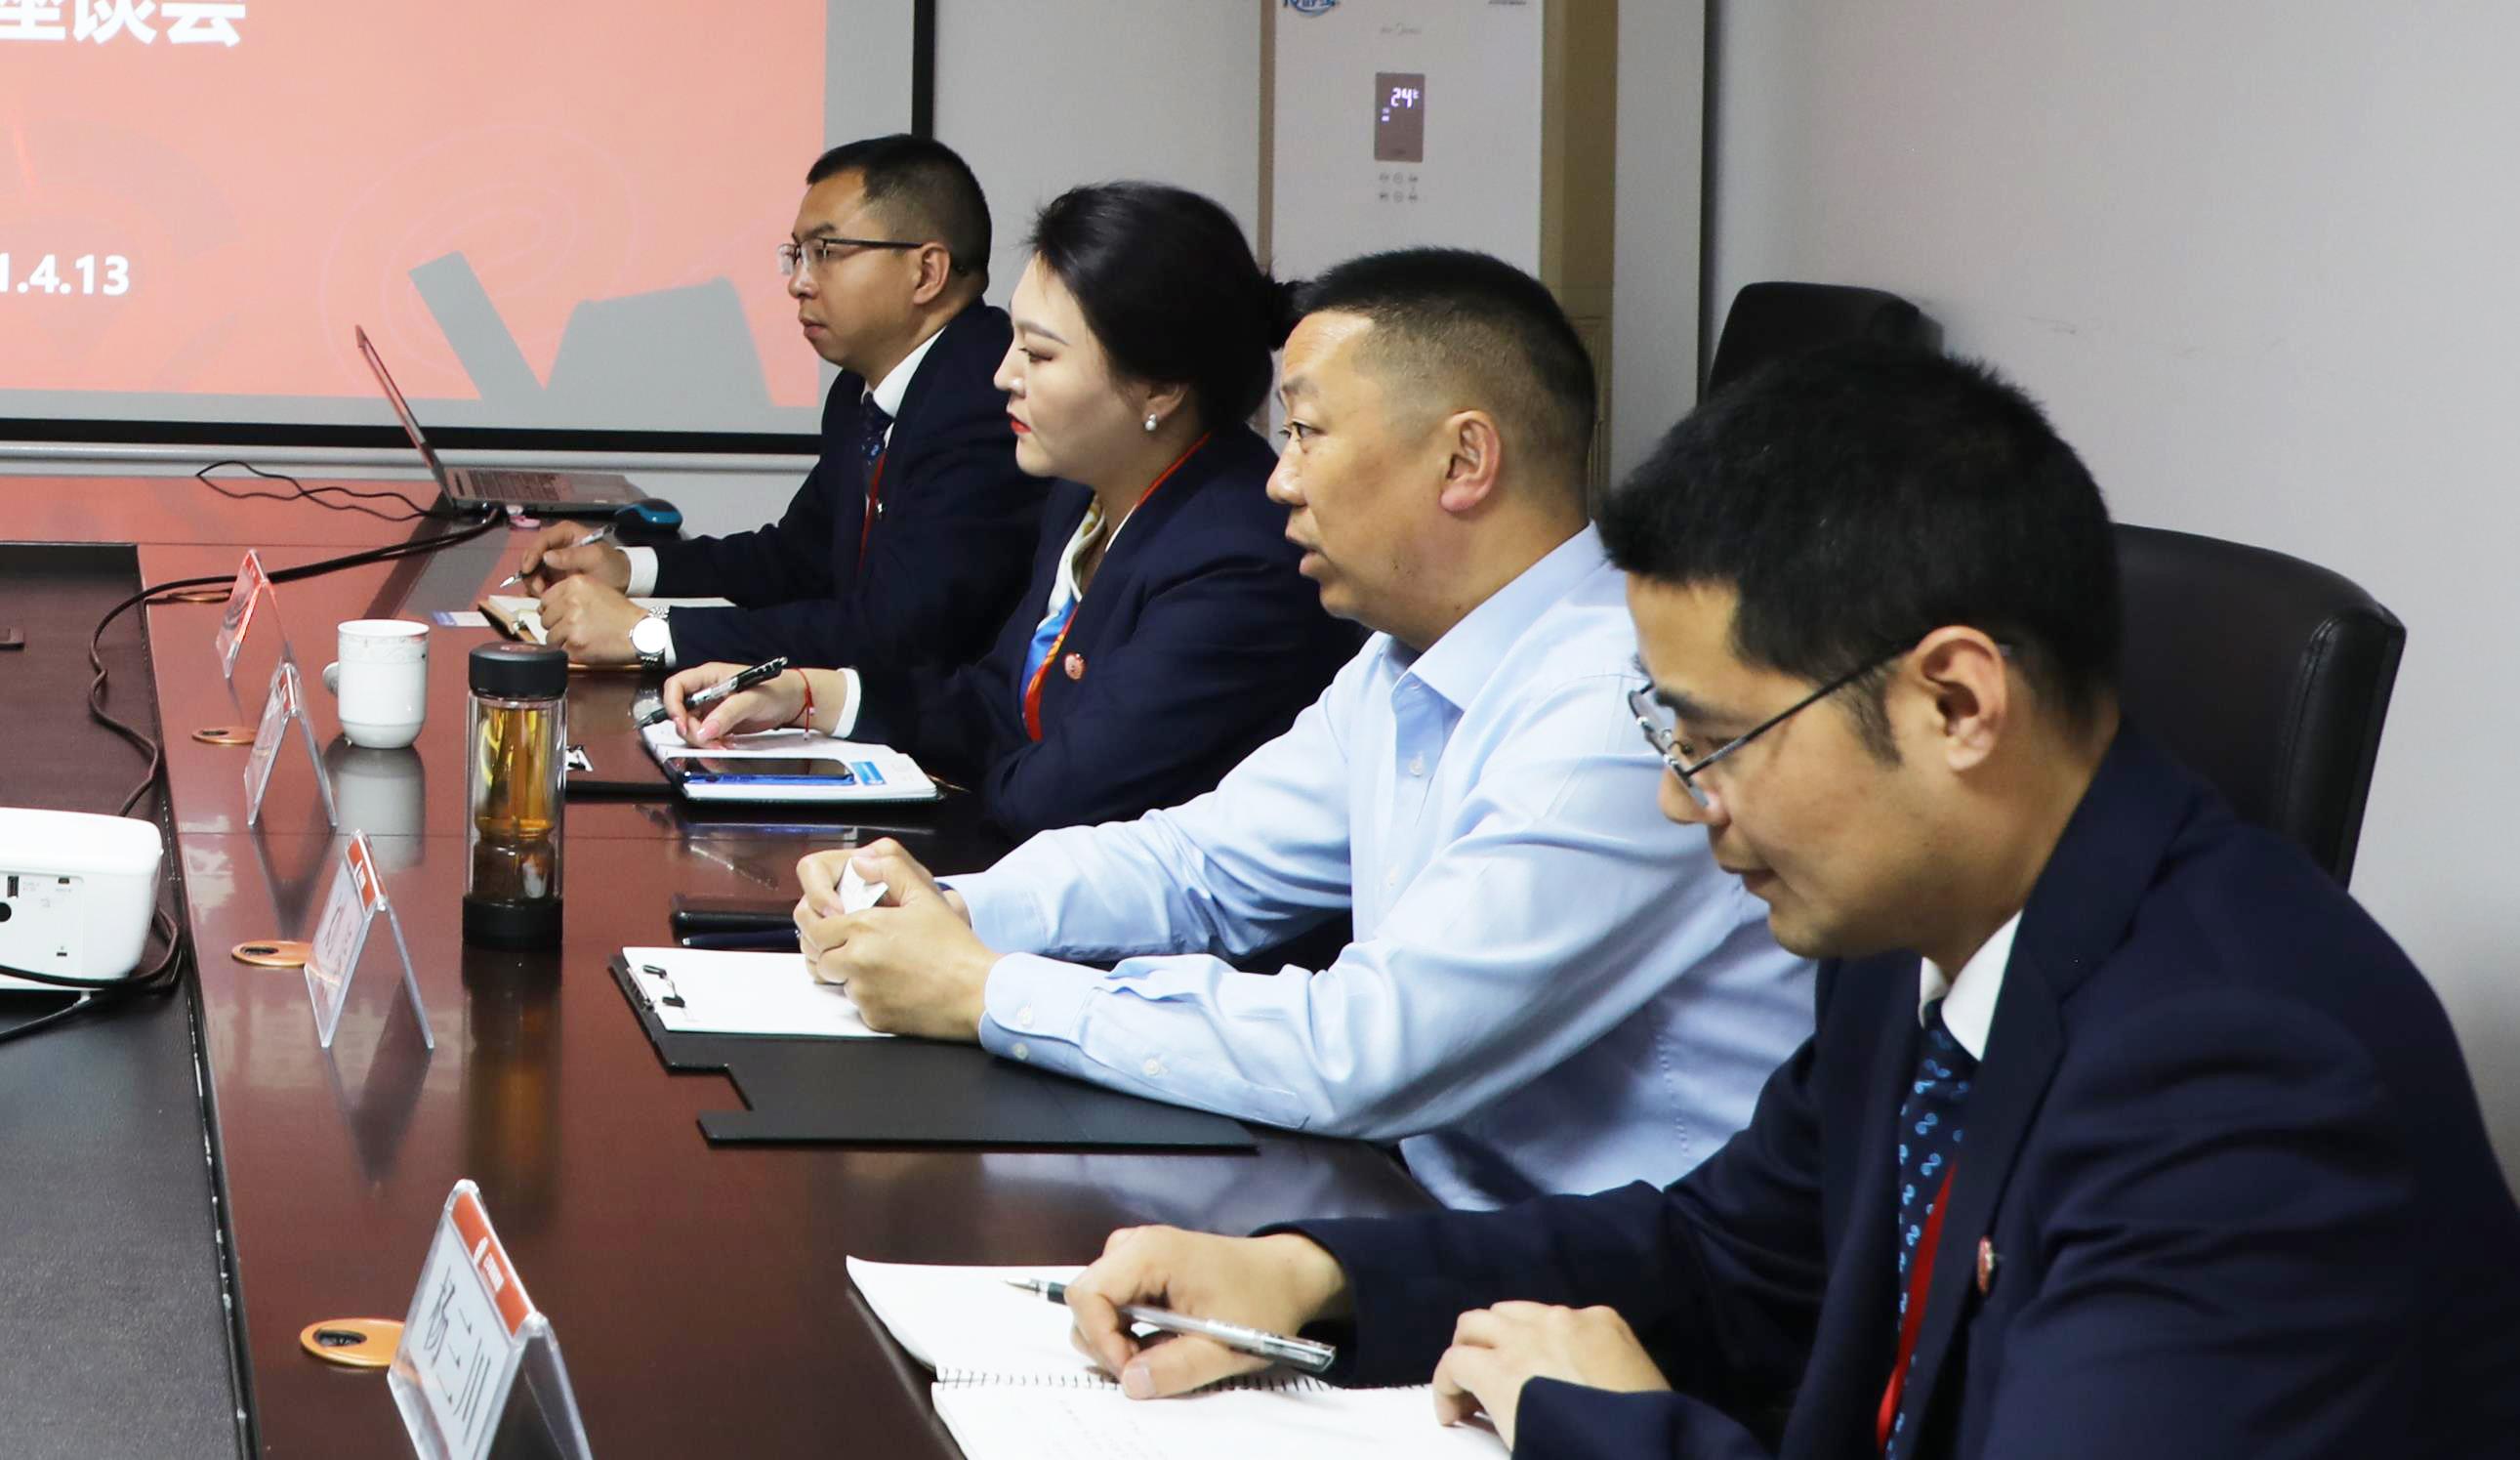 吉航民机分公司总经理刘志宏一行莅临云华教育集团考察交流